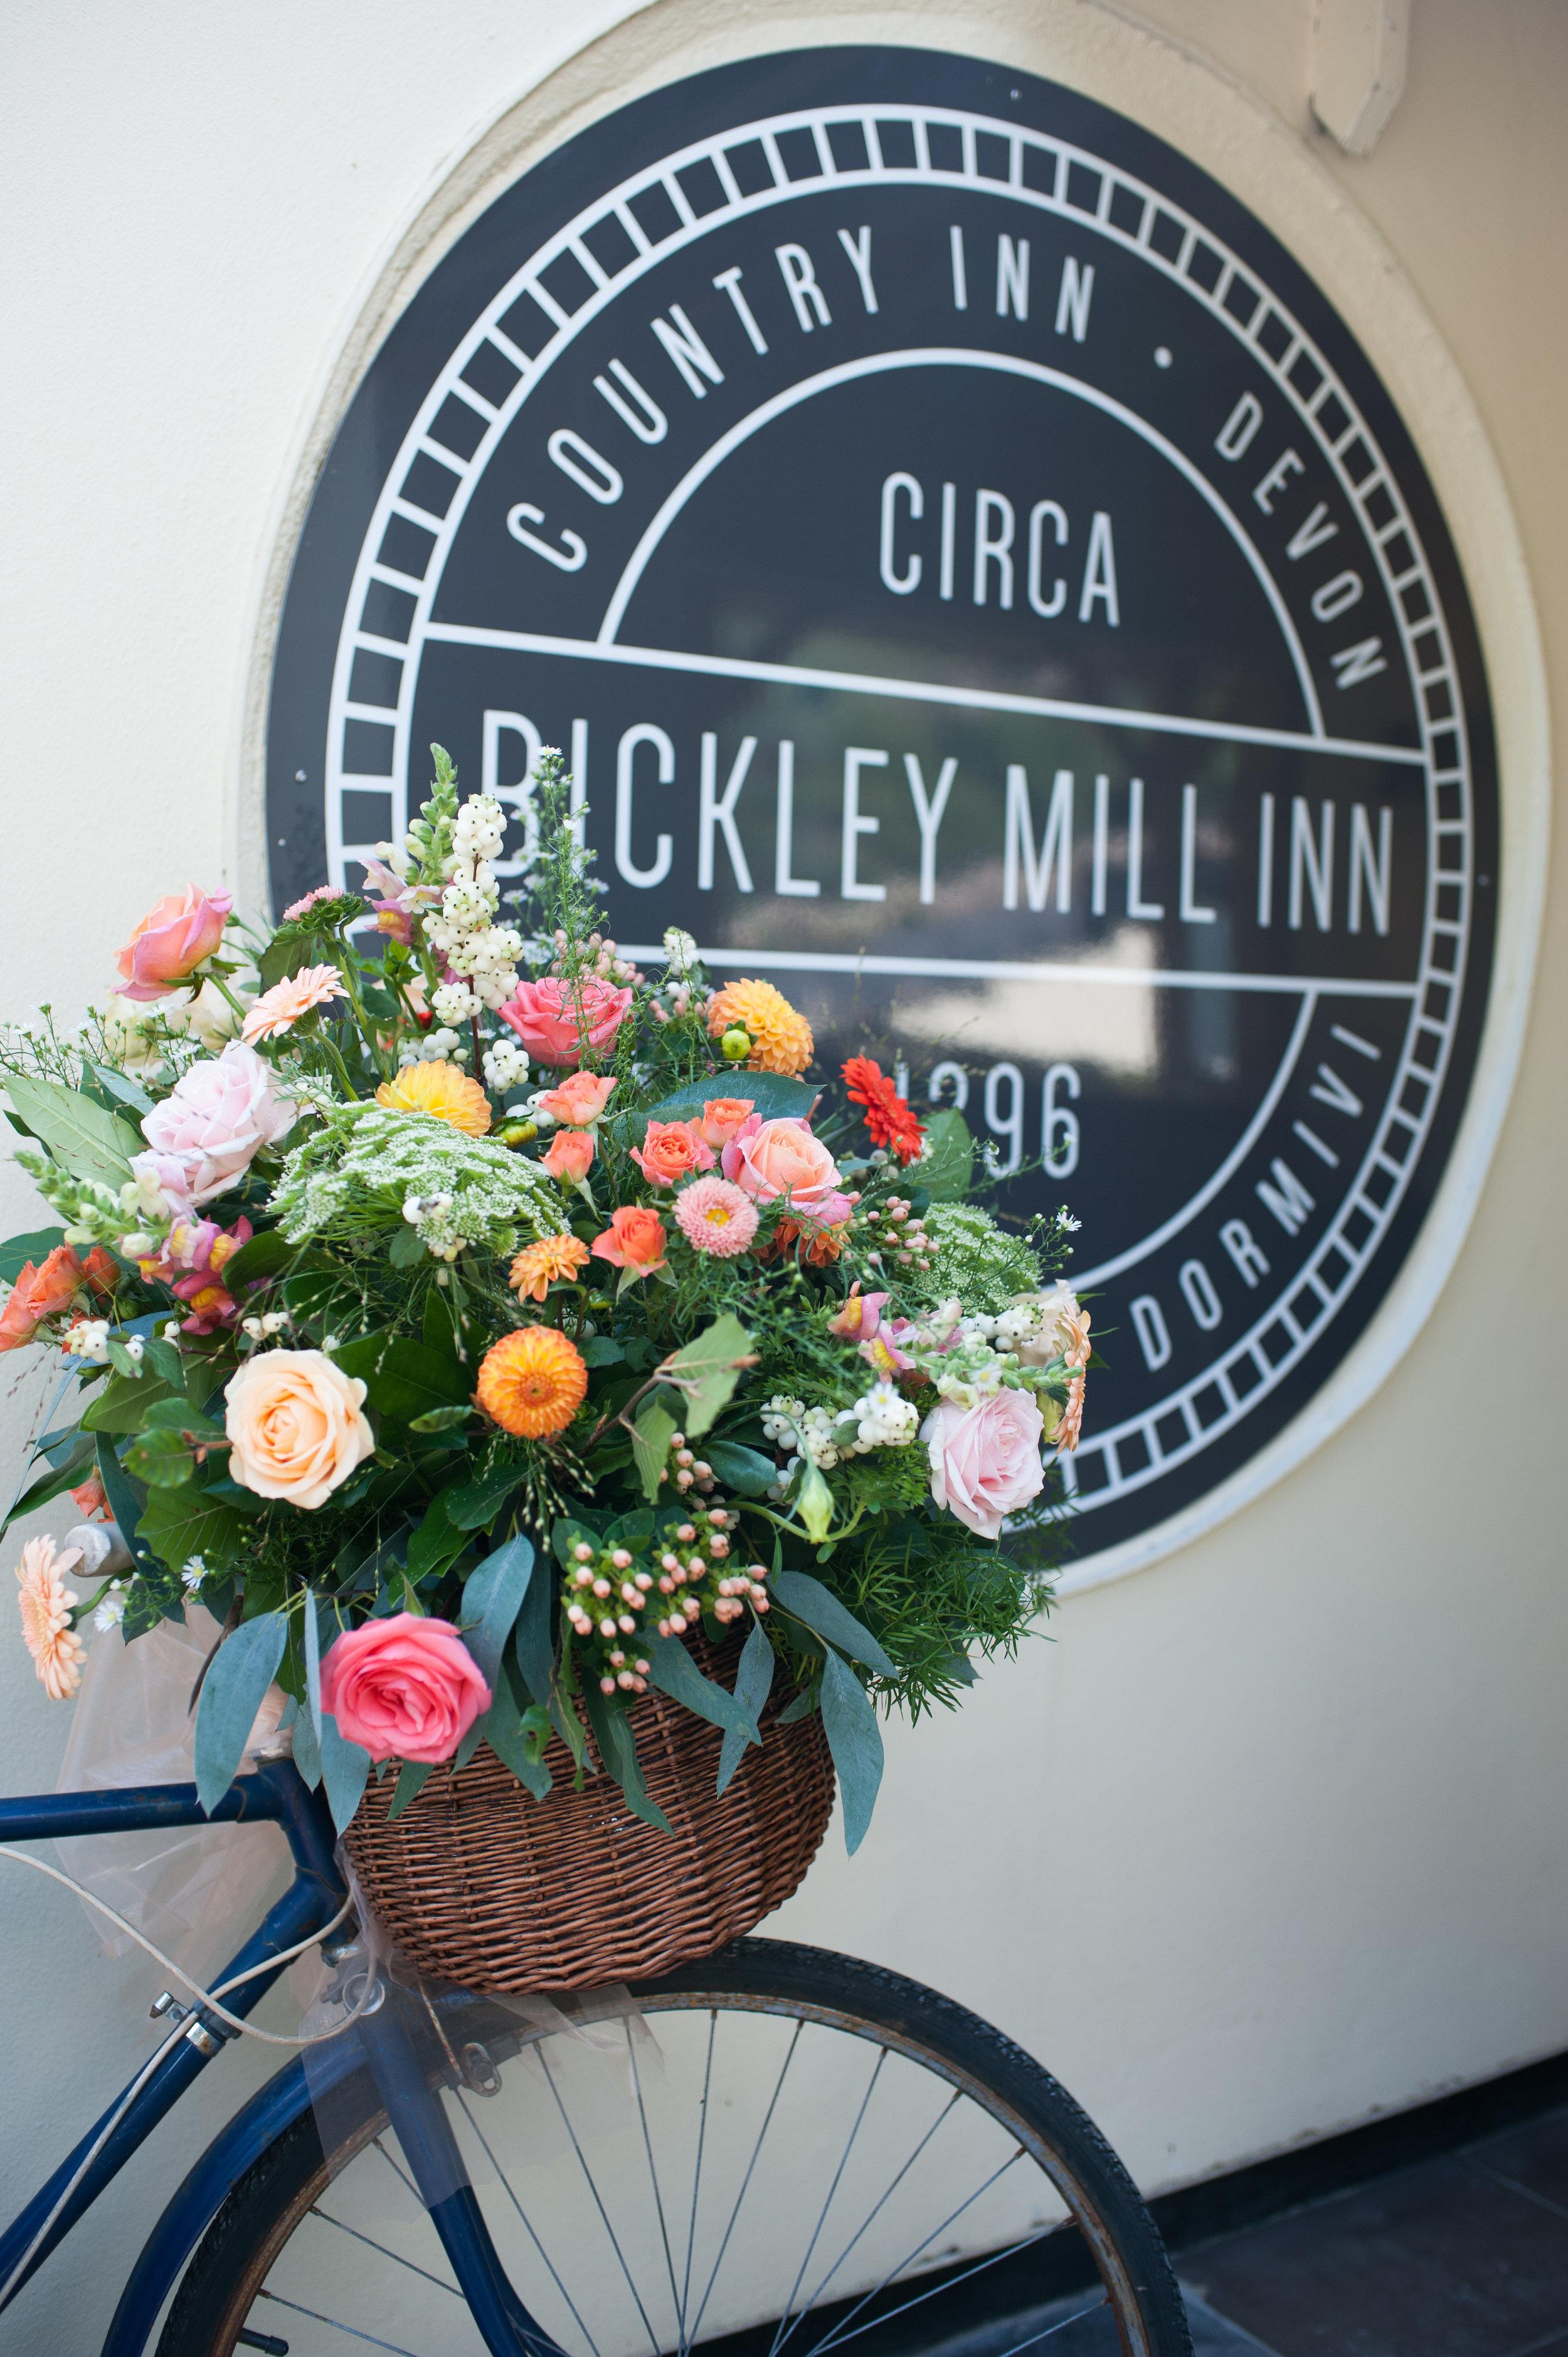 Bickley Mill -